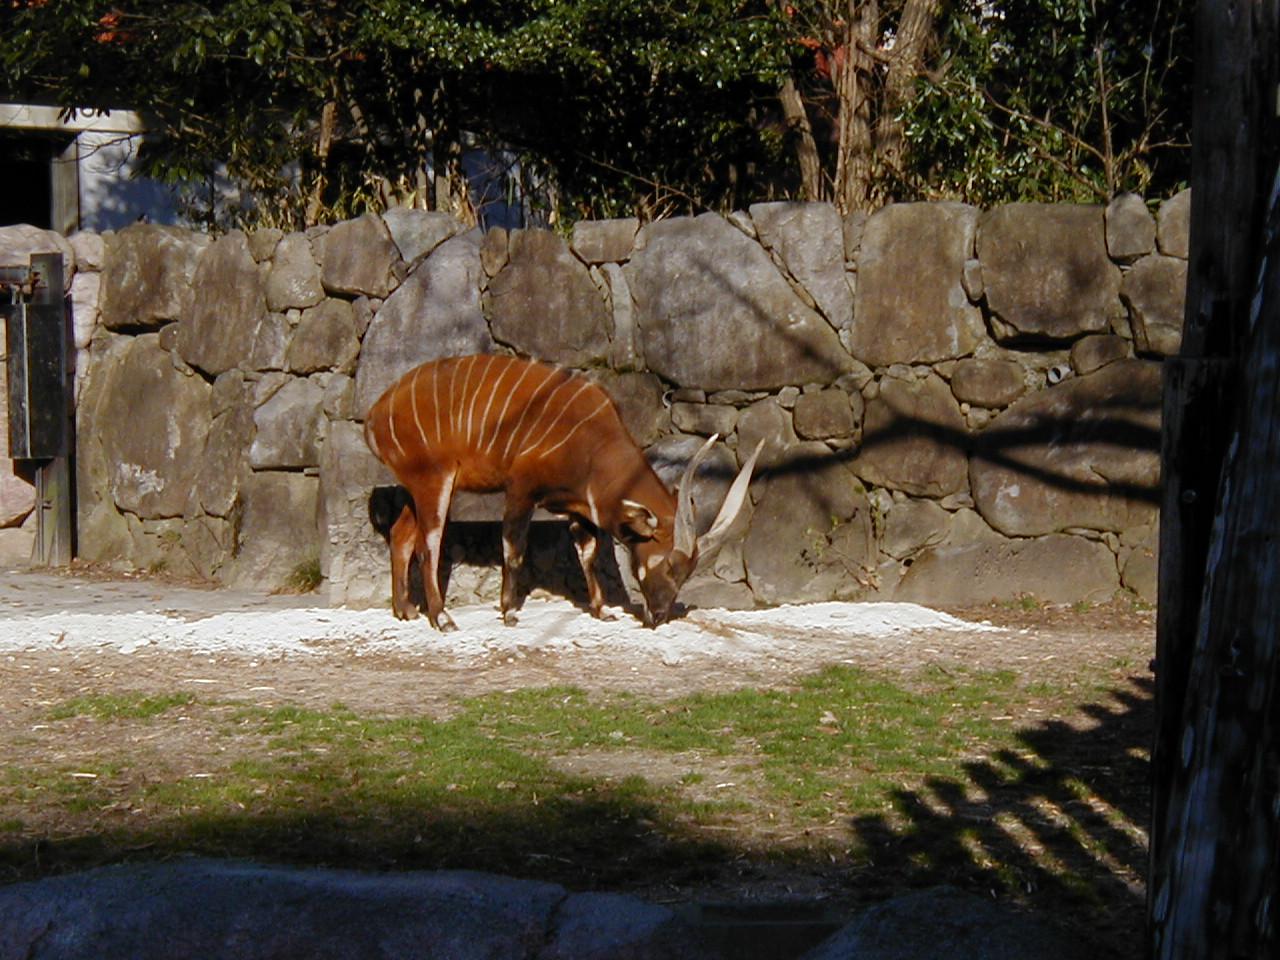 動物園 金沢 「横浜市立金沢動物園」見どころ・料金・アクセス・おすすめも!